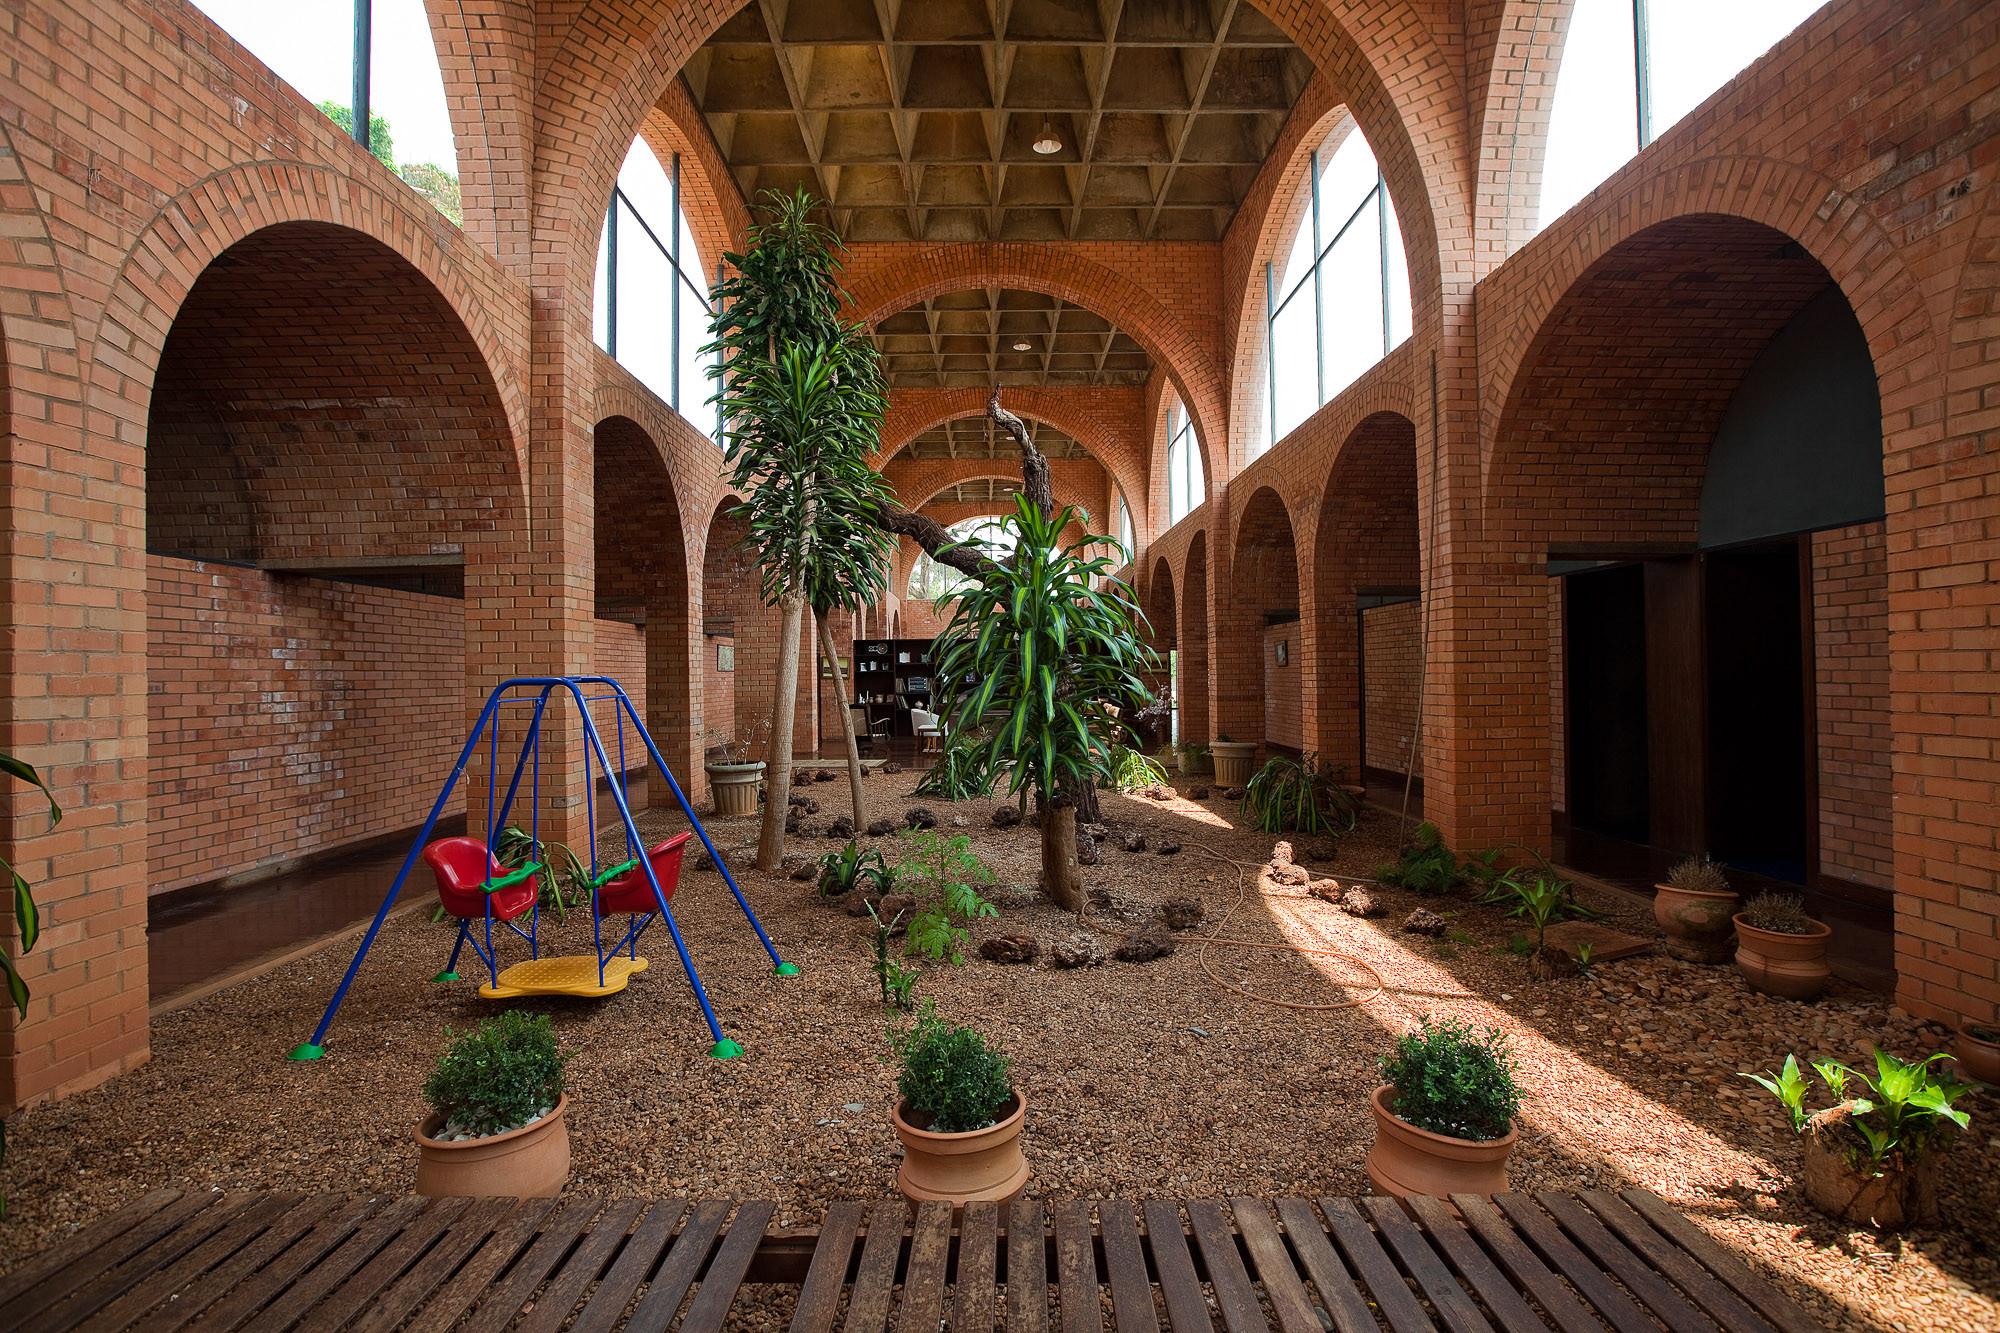 Casa dos Arcos © Joana França